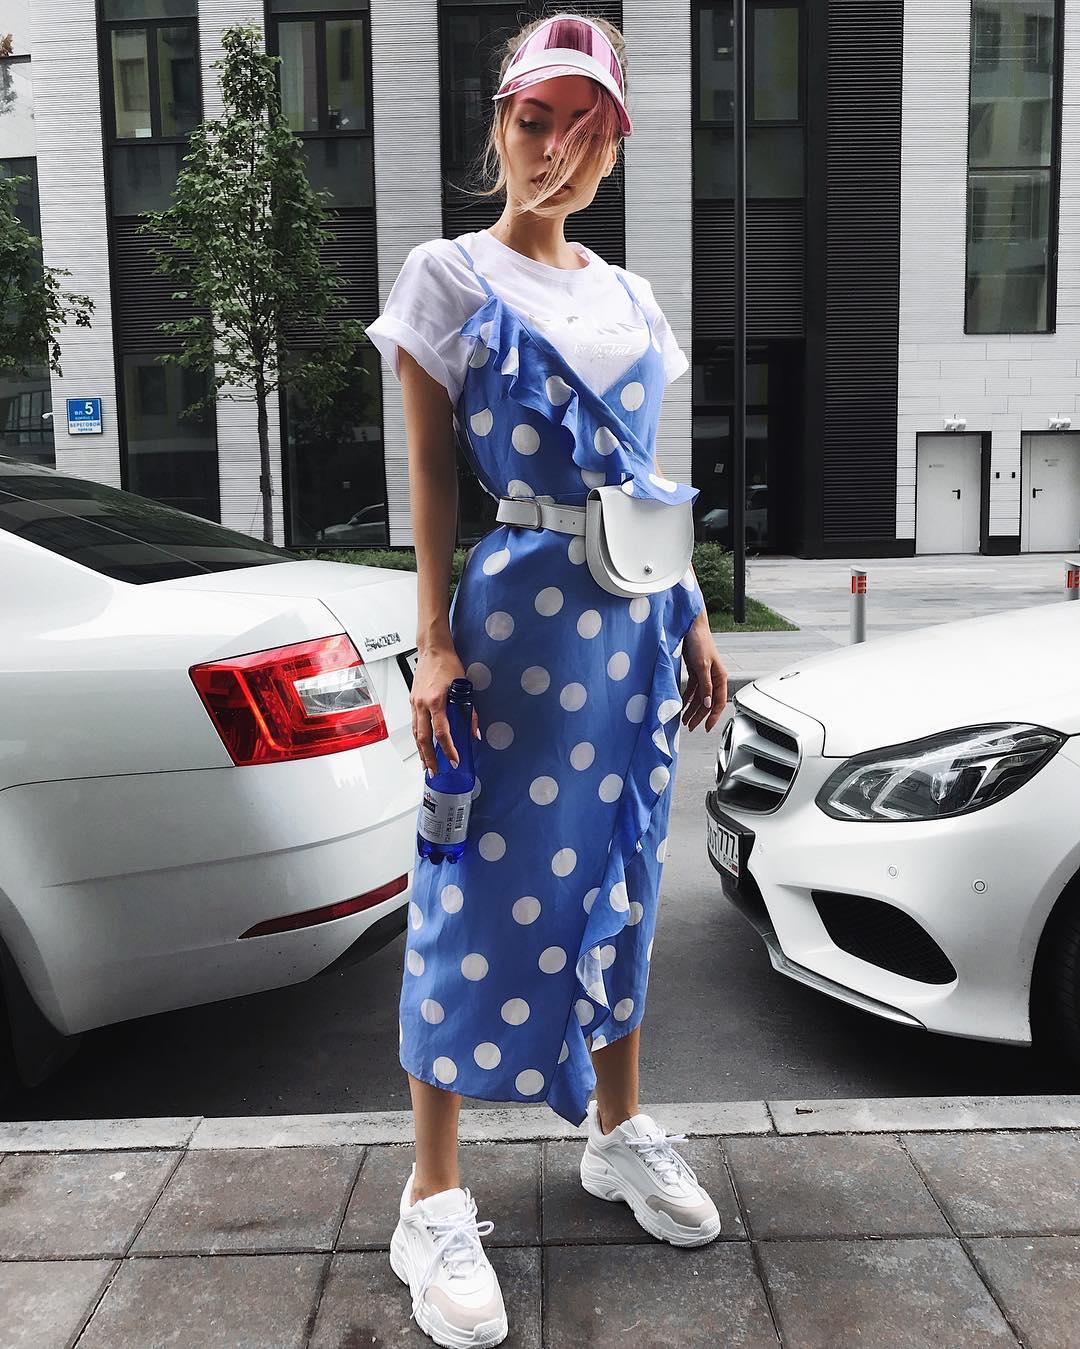 Платье с кроссовками фото_33